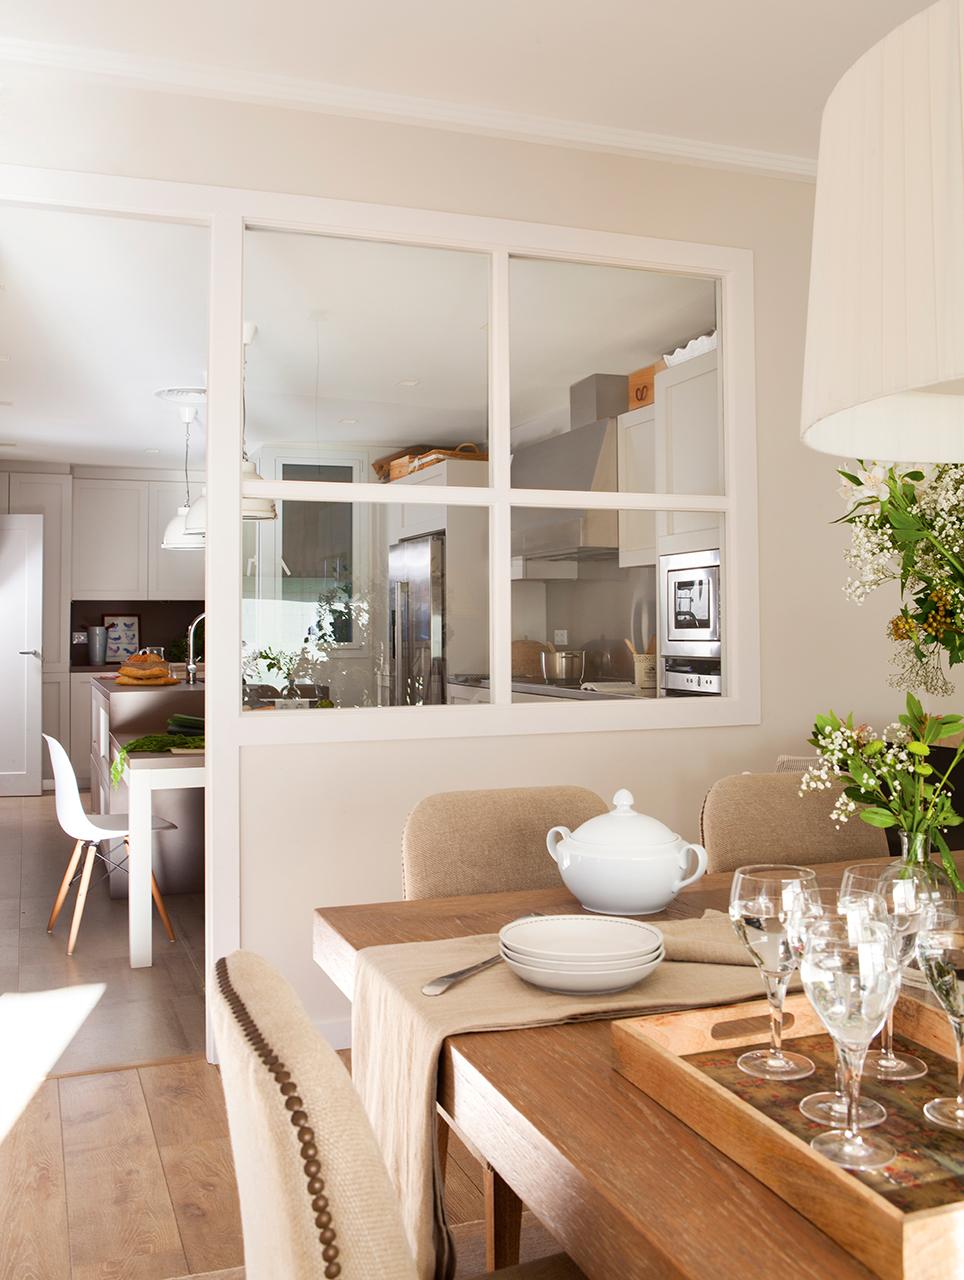 Un piso en barcelona tranquilo y luminoso for Separacion de muebles cocina comedor